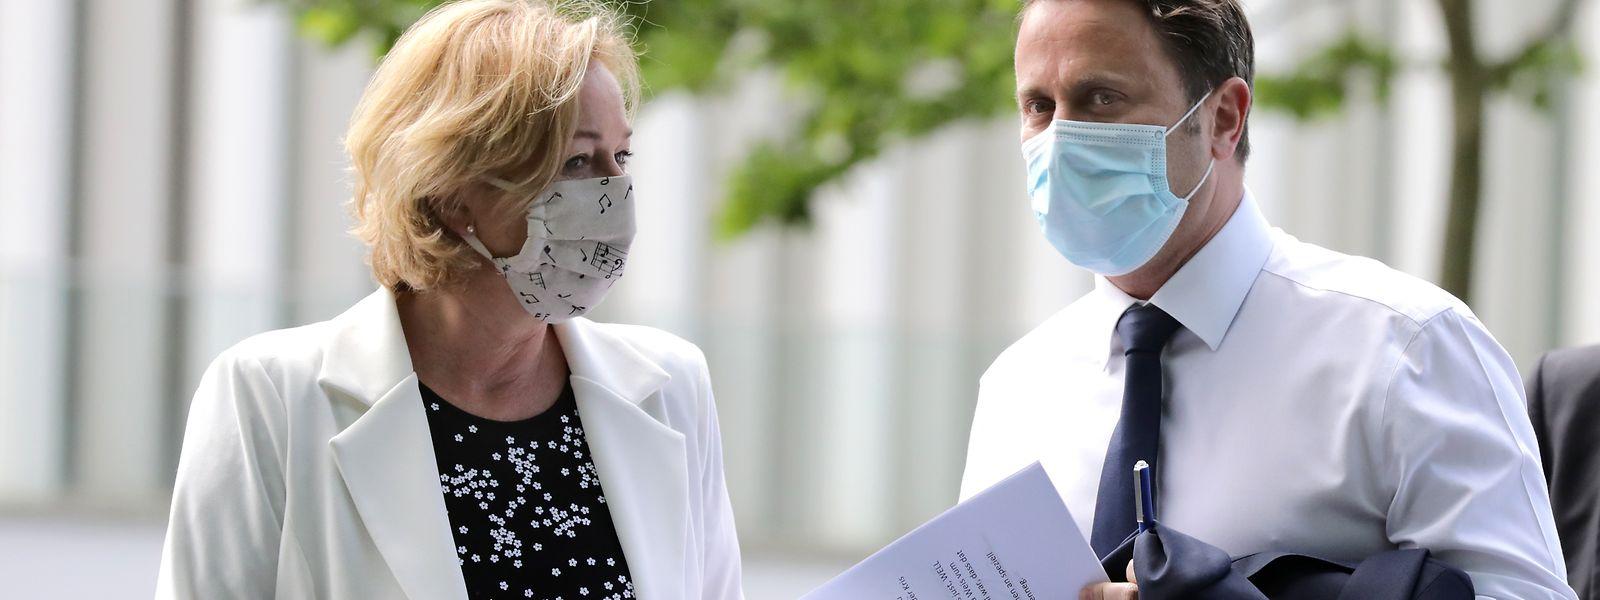 Premierminister Xavier Bettel (DP) und Gesundheitsministerin Paulette Lenert (LSAP) sind die bekanntesten Regierungsgesichter im Kampf gegen die Corona-Pandemie.